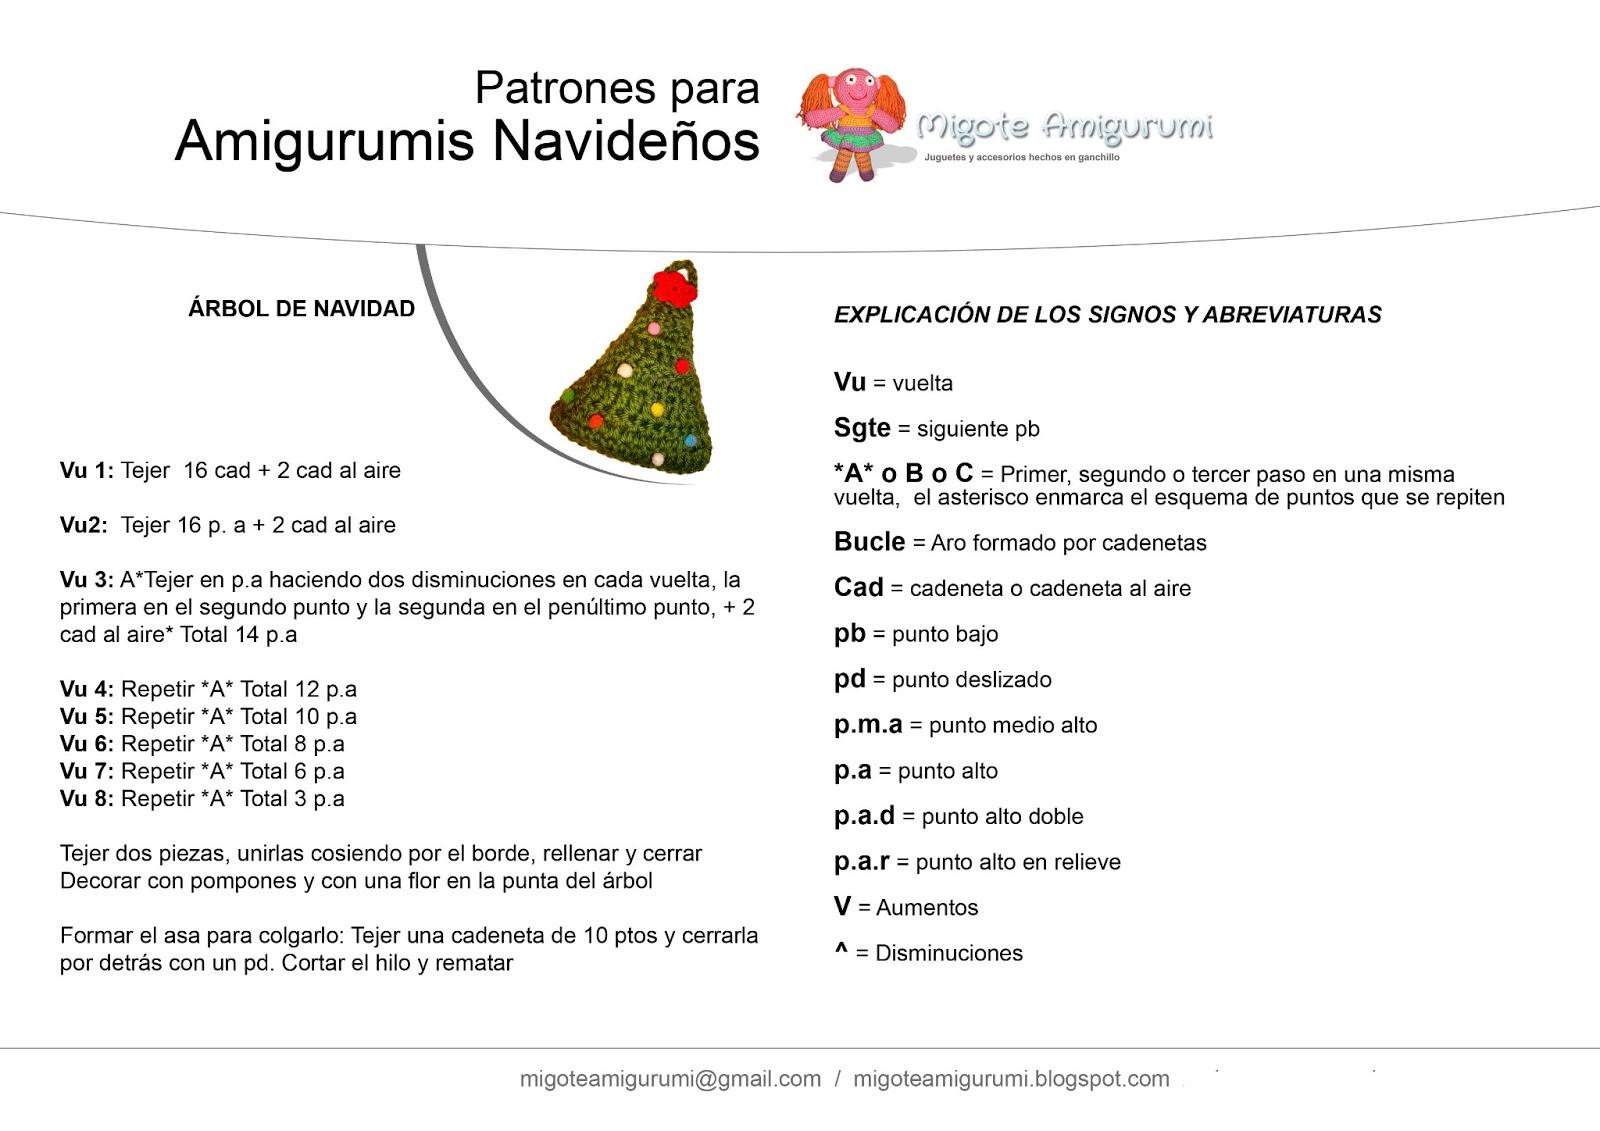 Patrones Migote Gratuitos | Migote Amigurumi